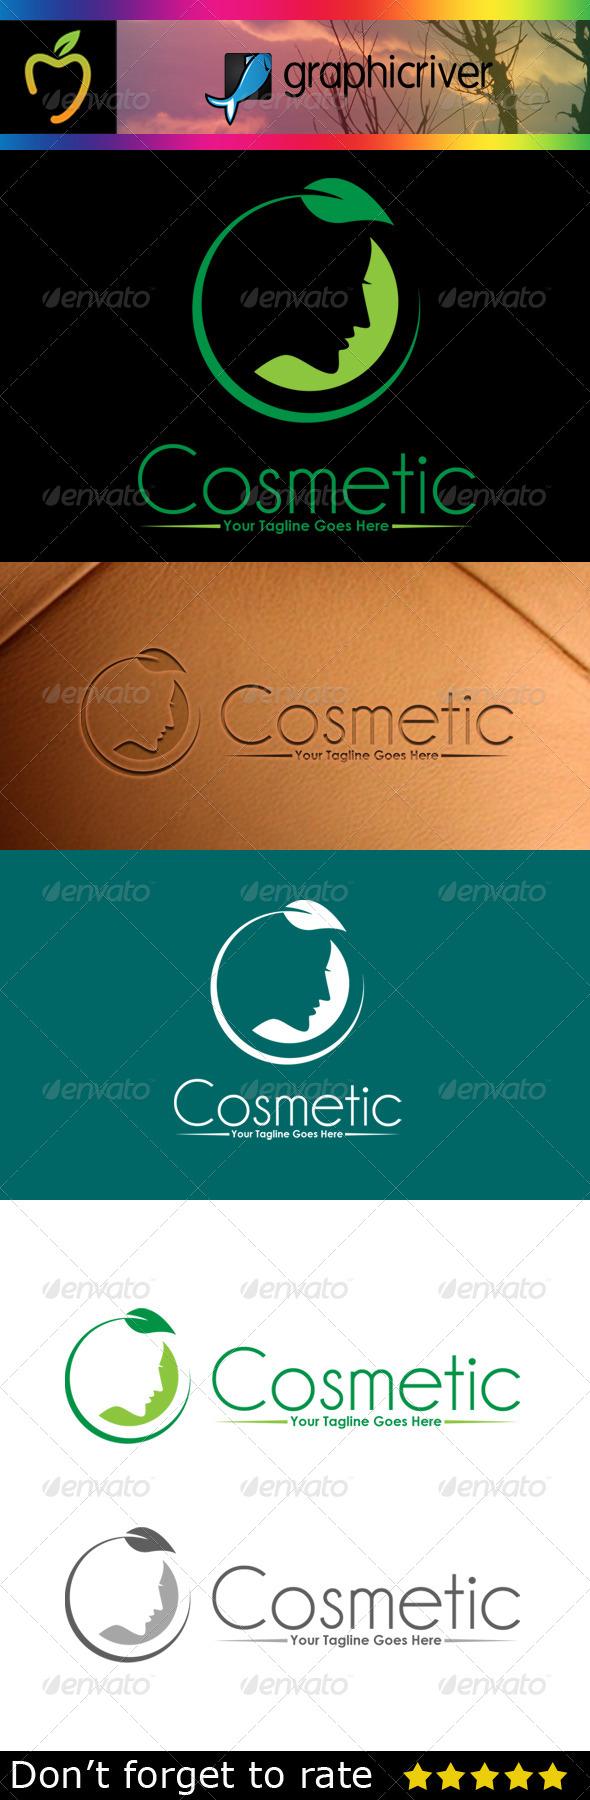 GraphicRiver Cosmetic Logo 7766534